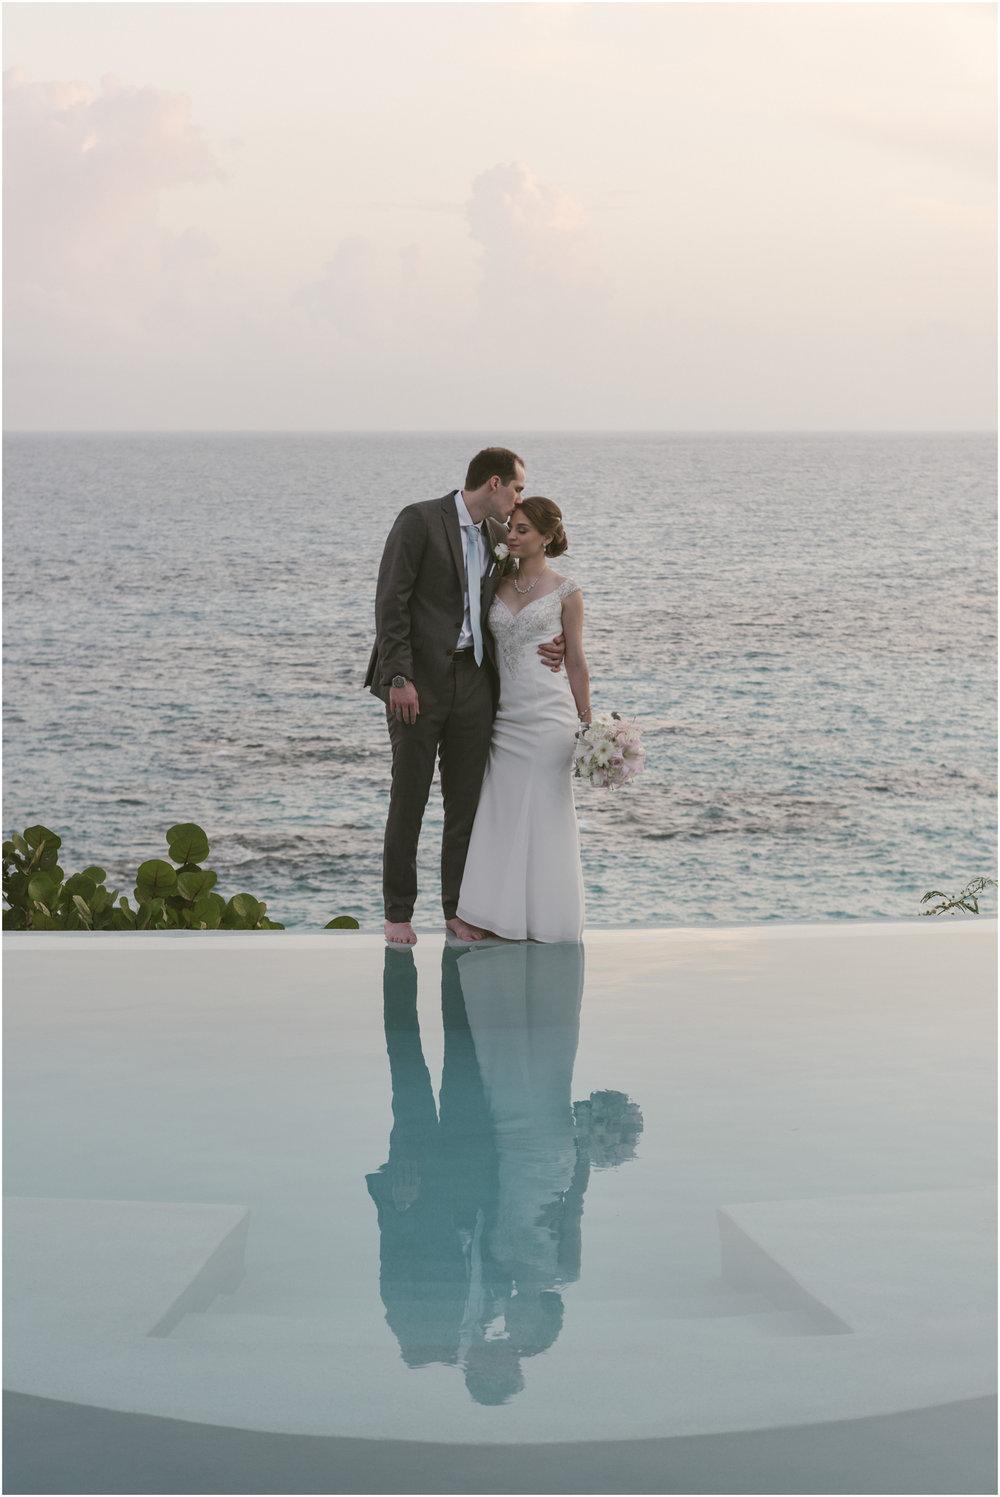 ©FianderFoto_Caribbean_Wedding_Photographer_The Reefs_Bermuda_Lauren_Erik_087.jpg